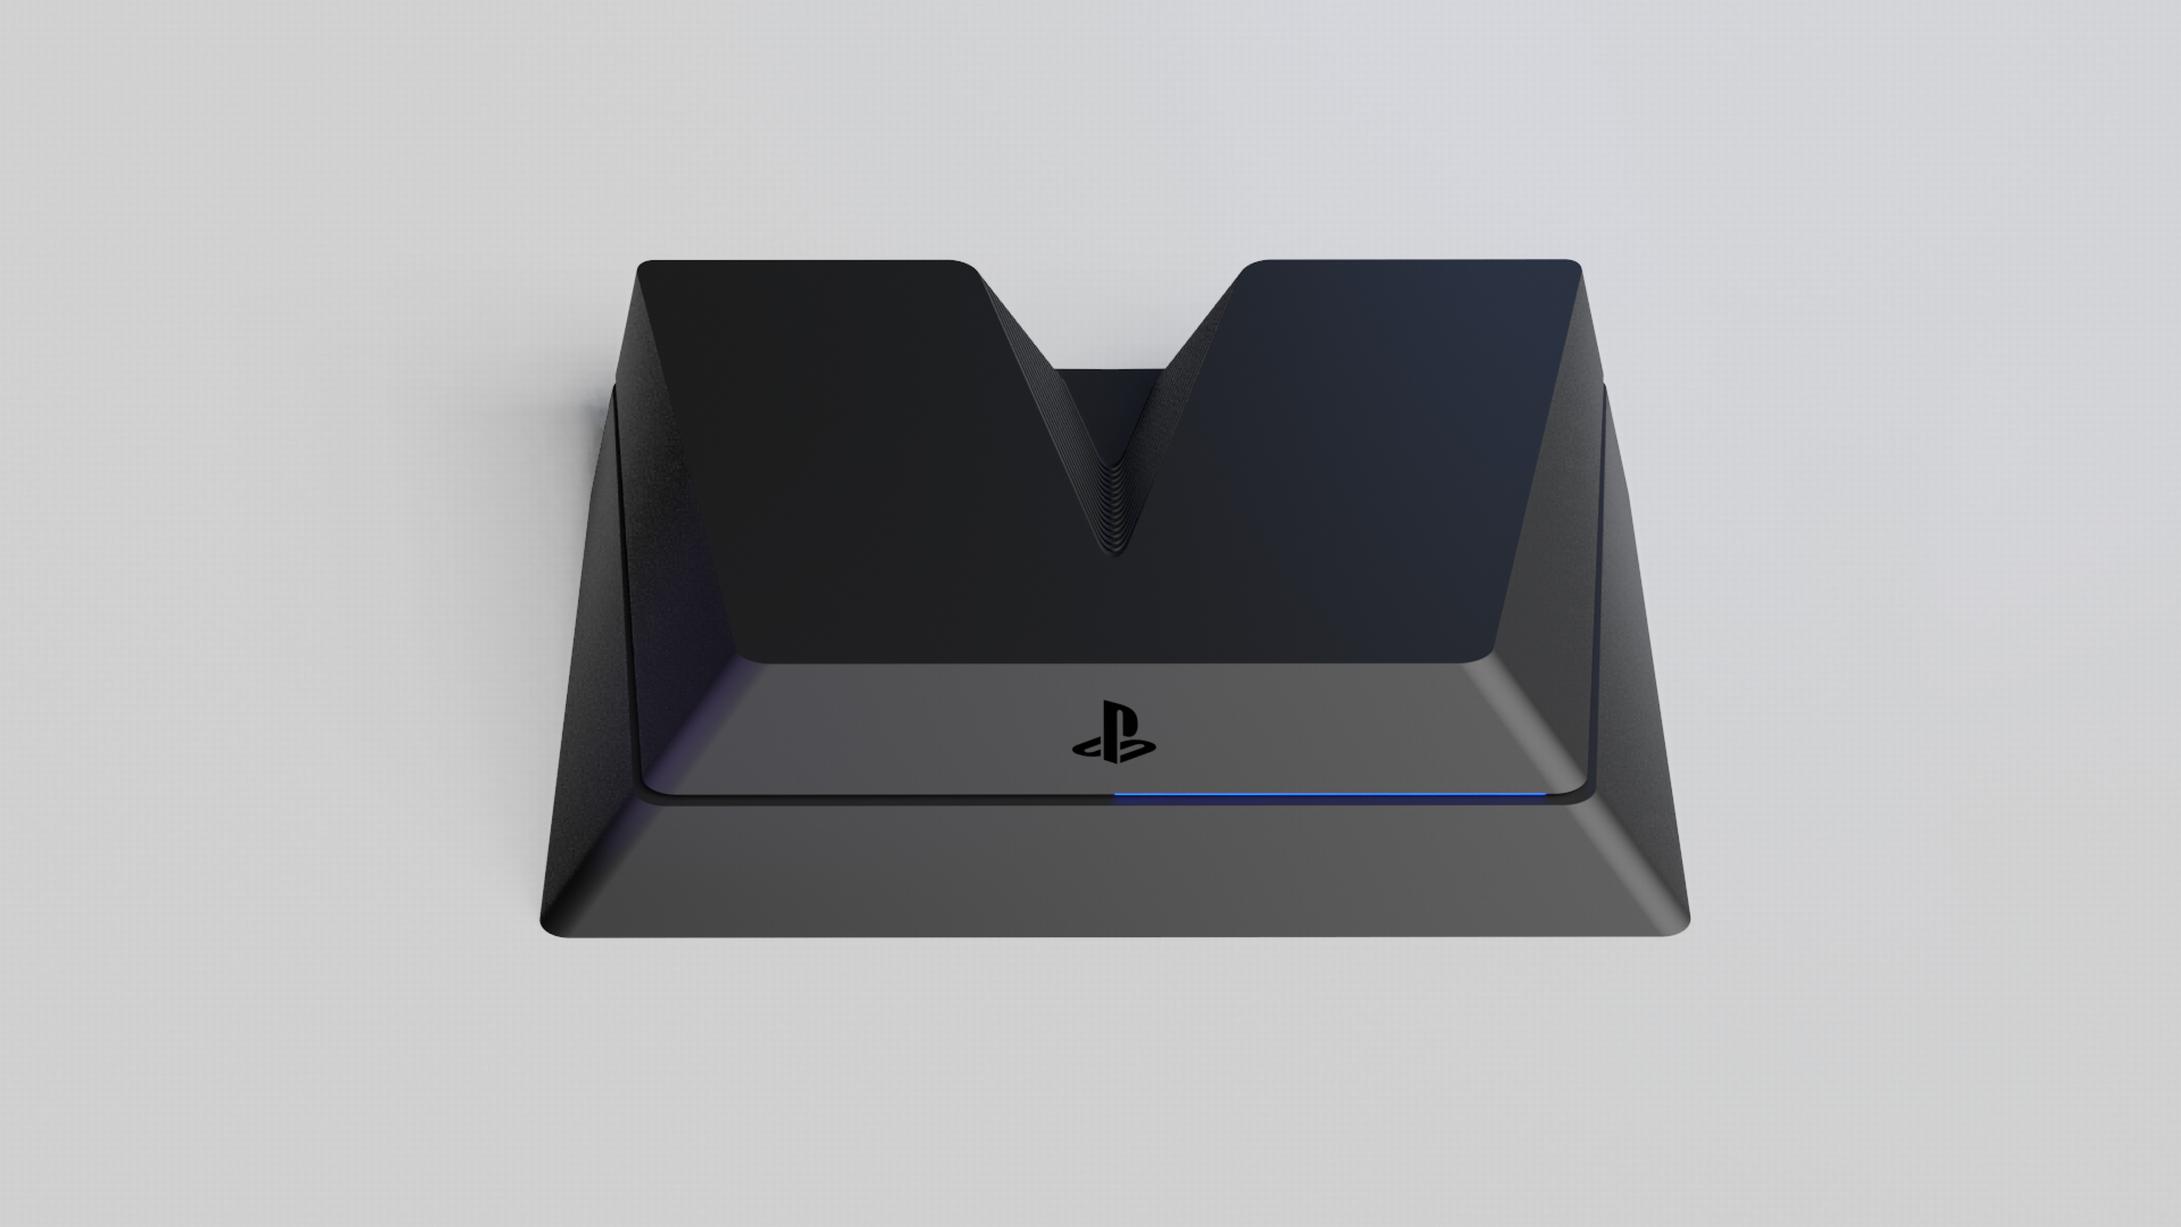 A Sony apresentou finalmente mais algumas informações sobre a futura PlayStation 5 que vai chegar ao mercado no final de 2020.